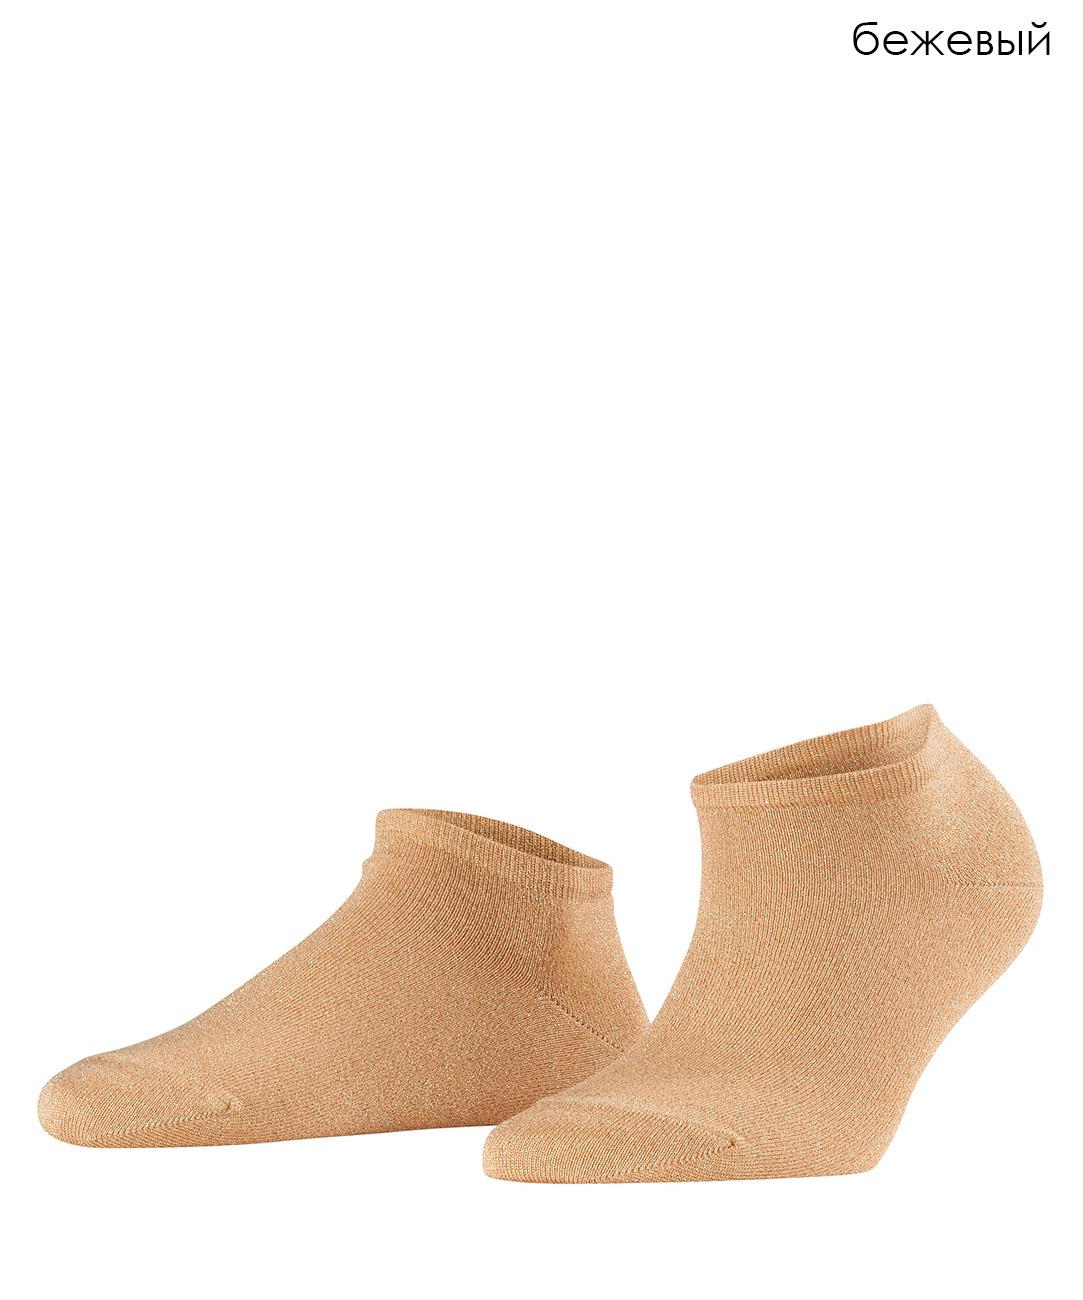 Женские носки, укороченные 46250 Shiny Falke